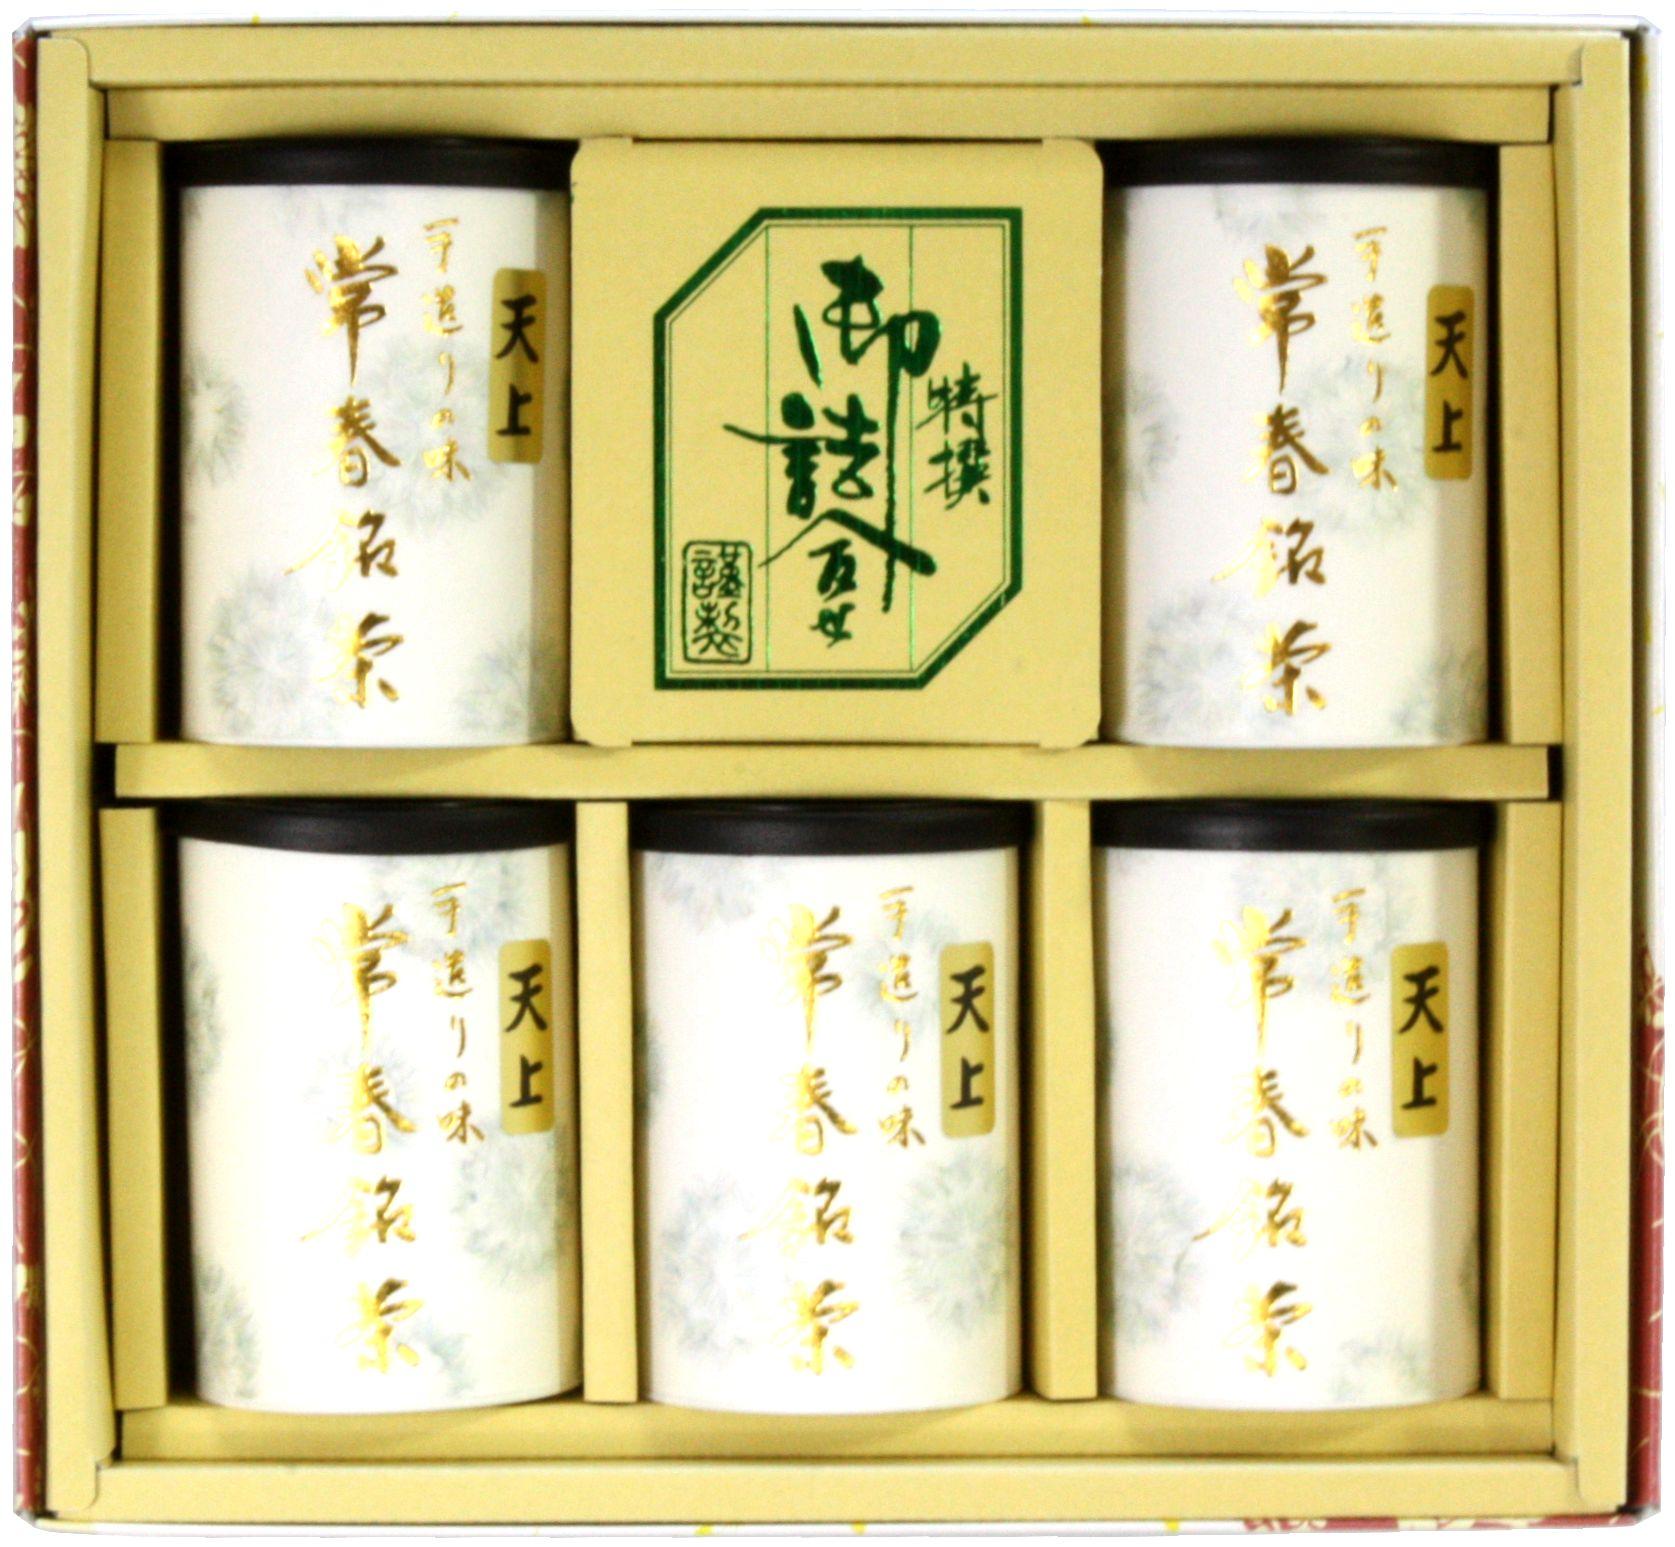 深蒸し掛川茶の天上100g5缶入セット